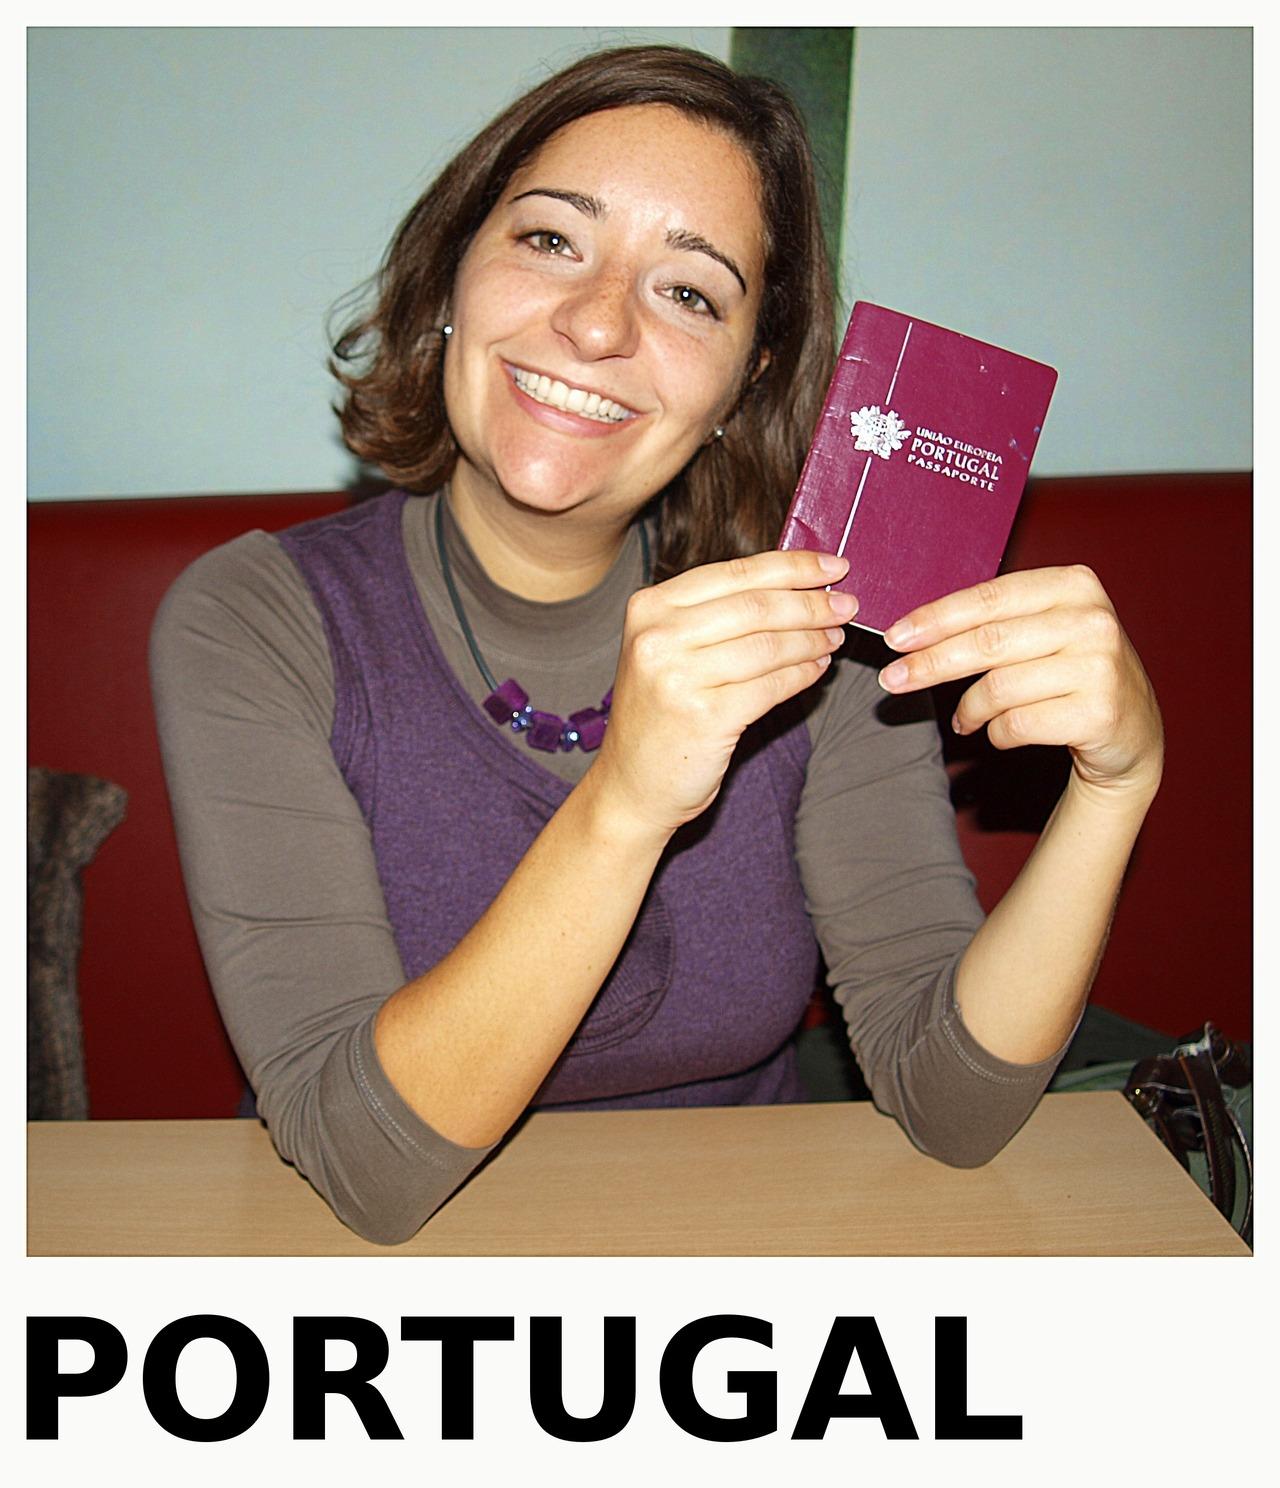 """Wann und wo sind Sie geboren?Geboren wurde ich am 28. Mai 1979 in Lissabon, Portugal.Welche Staatsangehörigkeit haben Sie? Ich habe die portugiesische Staatsangehörigkeit. Seit wann leben Sie in Hannover?Seit Oktober 2010.Warum sind Sie nach Hannover gekommen?Ich bin wegen meiner Arbeit nach Hannover gekommen. Bis Herbst 2010 habe ich in Brüssel für ein Unternehmen gearbeitet, das auch einen Standort in Hannover-Stöcken hat. Nach insgesamt fünf Jahren in Brüssel wollte ich woanders hin. Zur Auswahl standen Deutschland, Brasilien und Mexiko. Brasilien und Mexiko waren mir zu weit entfernt, deshalb habe ich mich für Deutschland entschieden. In Deutschland war ich vorher schon ein paar Mal auf Geschäftsreise. Währenddessen habe ich auch einige Wörter Deutsch gelernt: """"ach so"""", """"genau"""", """"echt"""" und """"na"""". Sehr nützlich, denn mit diesen vier Wörtern kann man an einer Konversation teilnehmen ohne ein weiteres Wort Deutsch zu verstehen. Allerdings nur solange man selber nicht aktiv erzählen muss. Ich habe das auf einer Geschäftsreise in München ausprobiert. Und ich war tatsächlich so überzeugend, dass meine Kollegen gedacht haben, ich könne Deutsch sprechen. Mittlerweile kann ich das auch, damals in München aber bestand mein deutscher Wortschatz aus besagten vier Wörtern. Was ist für Sie typisch hannoveranisch?Ich kann nicht unbedingt zwischen hannoveranischen und deutschen Gepflogenheiten differenzieren. Ich habe eine gewisse Zeit in München verbracht und sehe durchaus die kulturellen Unterschiede zwischen Süd- und Norddeutschen. Ich kann aber nicht sagen, was davon typisch für Hannover ist.Und was empfinden Sie als typisch deutsch?Bratwurst und Currywurst – eigentlich Wurst in jeder Form. Wie sehr die Deutschen ihre Wurst lieben, habe ich bemerkt, nachdem ich im Frühjahr in Hannover einen Halbmarathon gelaufen bin. In Belgien bekam ich nach dem Lauf Saft und Kekse, in Portugal bekam ich Obst und Eis. In Hannover hingegen, gab es für die Läufer Bier und Wurst. Seitdem gehe """